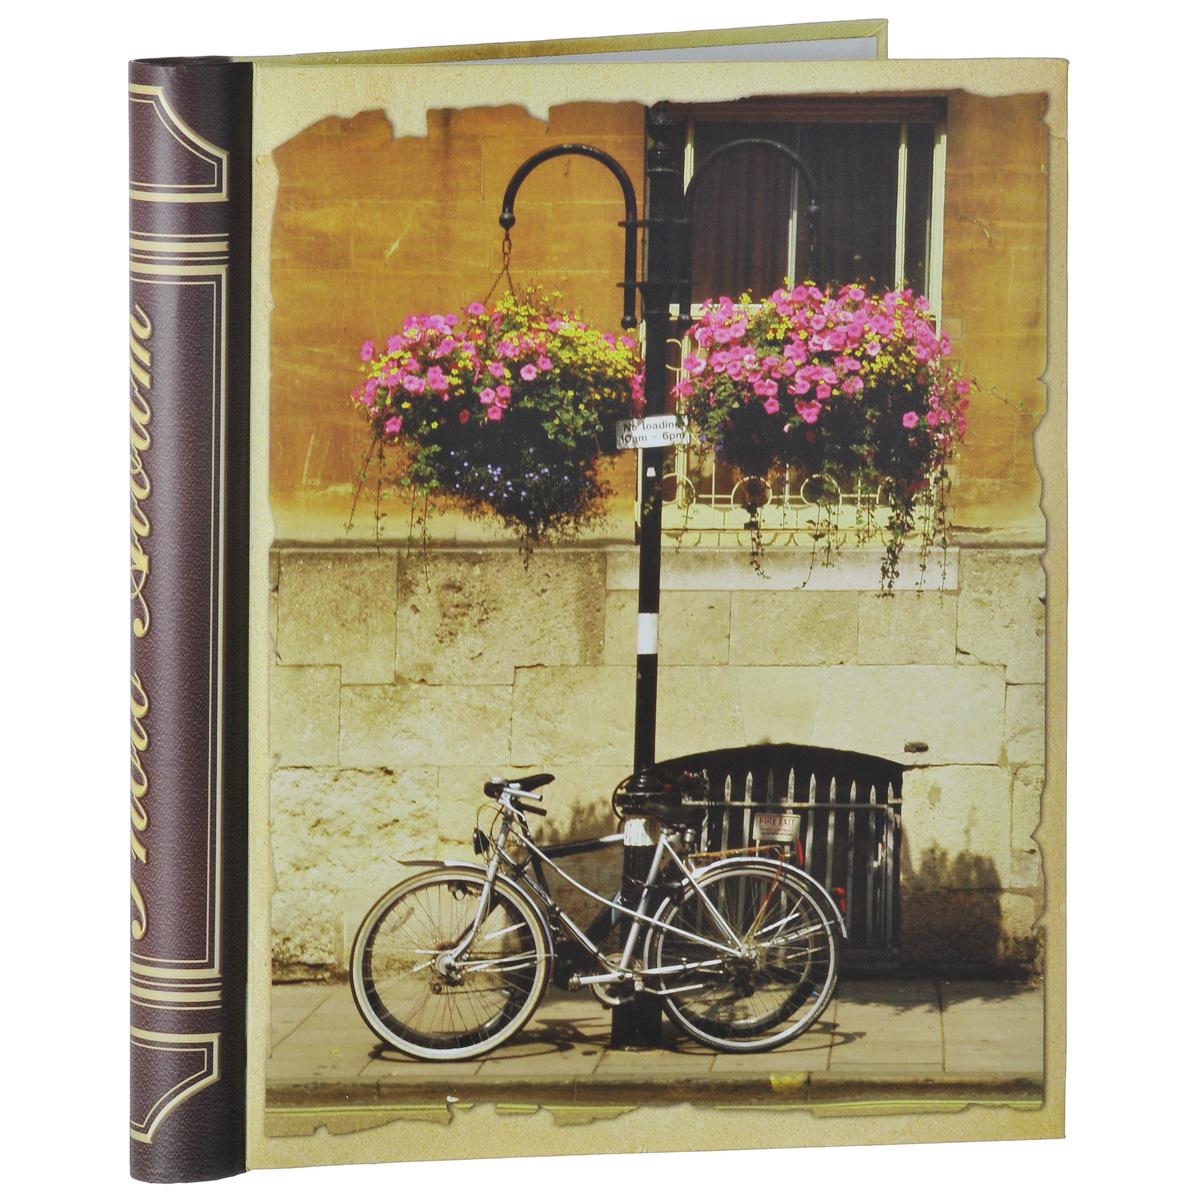 Фотоальбом Феникс-презент Велосипед, на кольцах, 10 магнитных листов, 24,5 х 29 смTHN132NФотоальбом Феникс-презент Велосипед, изготовленный из картона с клеевым покрытием и пленки ПВХ, сохранит моменты ваших счастливых мгновений на своих страницах! Обложка альбома оформлена изображением велосипеда. Листы размещены на пластиковых кольцах. Альбом с магнитными листами удобен тем, что он позволяет размещать фотографии разных размеров. Магнитные страницы обладают следующими преимуществами: - Не нужно прикладывать усилий для закрепления фотографий, - Не нужно заботиться о размерах фотографий, так как вы можете вставить в альбом фотографии разных размеров, - Защита фотографий от постоянных прикосновений зрителей с помощью пленки ПВХ.Нам всегда так приятно вспоминать о самых счастливых моментах жизни, запечатленных на фотографиях. Поэтому фотоальбом является универсальным подарком к любому празднику. Вашим родным, близким и просто знакомым будет приятно помещать фотографии в этот альбом.Количество листов: 10 шт.